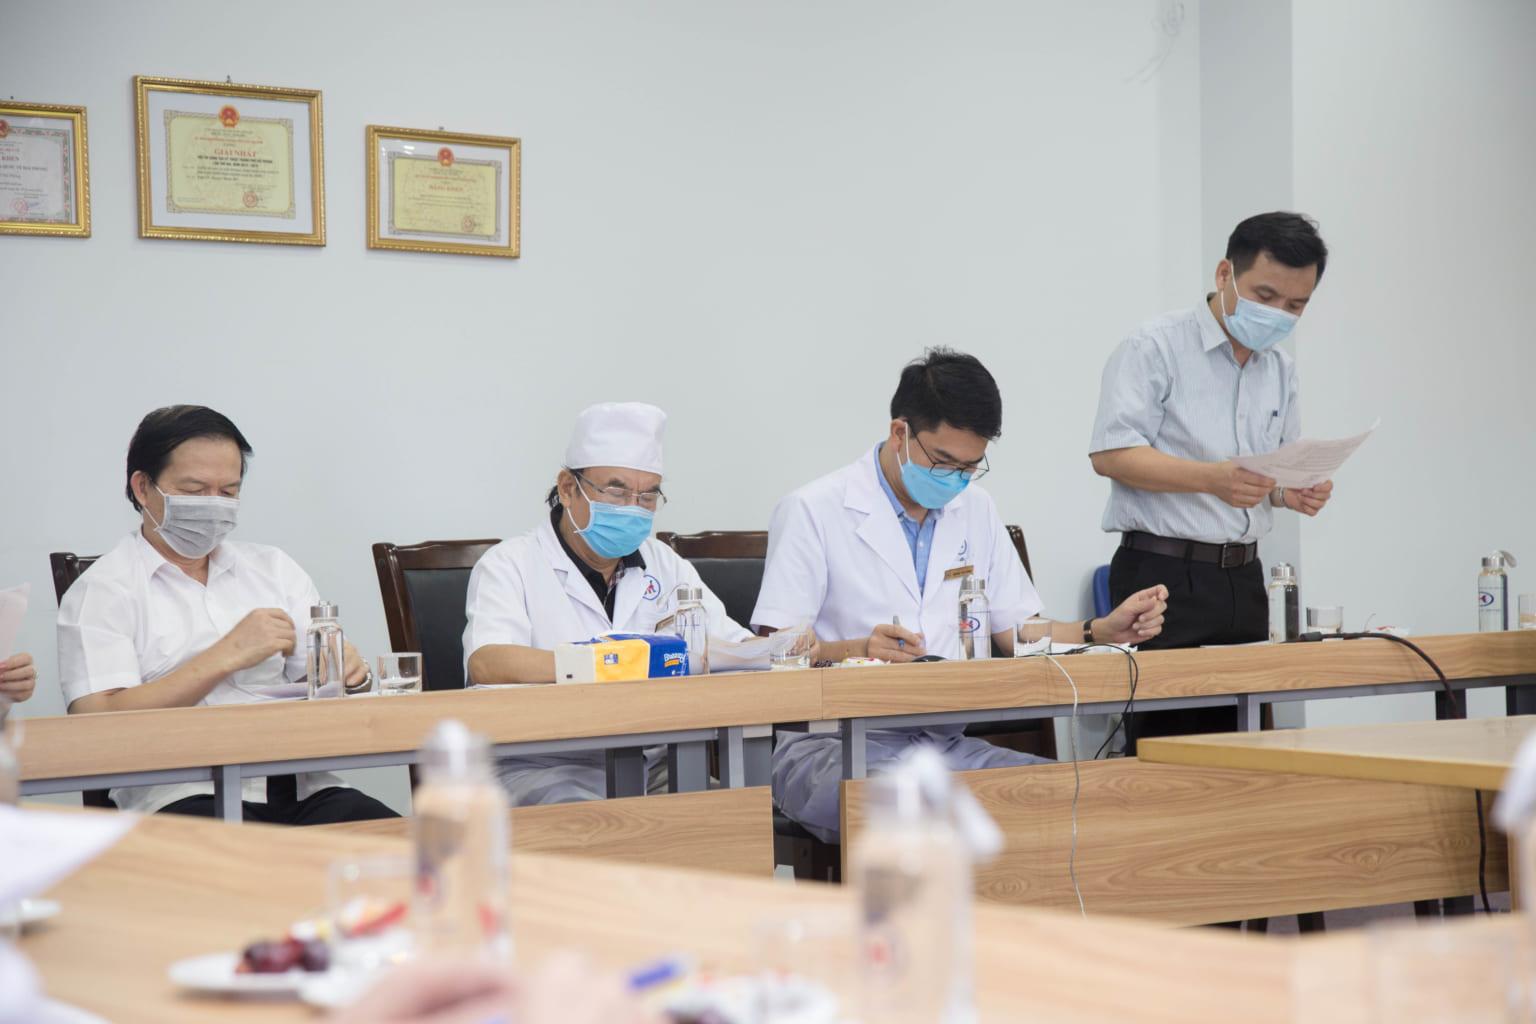 Bệnh viện đa khoa Quốc tế Hải Phòng đạt tiêu chuẩn bệnh viện an toàn trong phòng chống Covid 19 và các dịch bệnh viêm đường hô hấp cấp